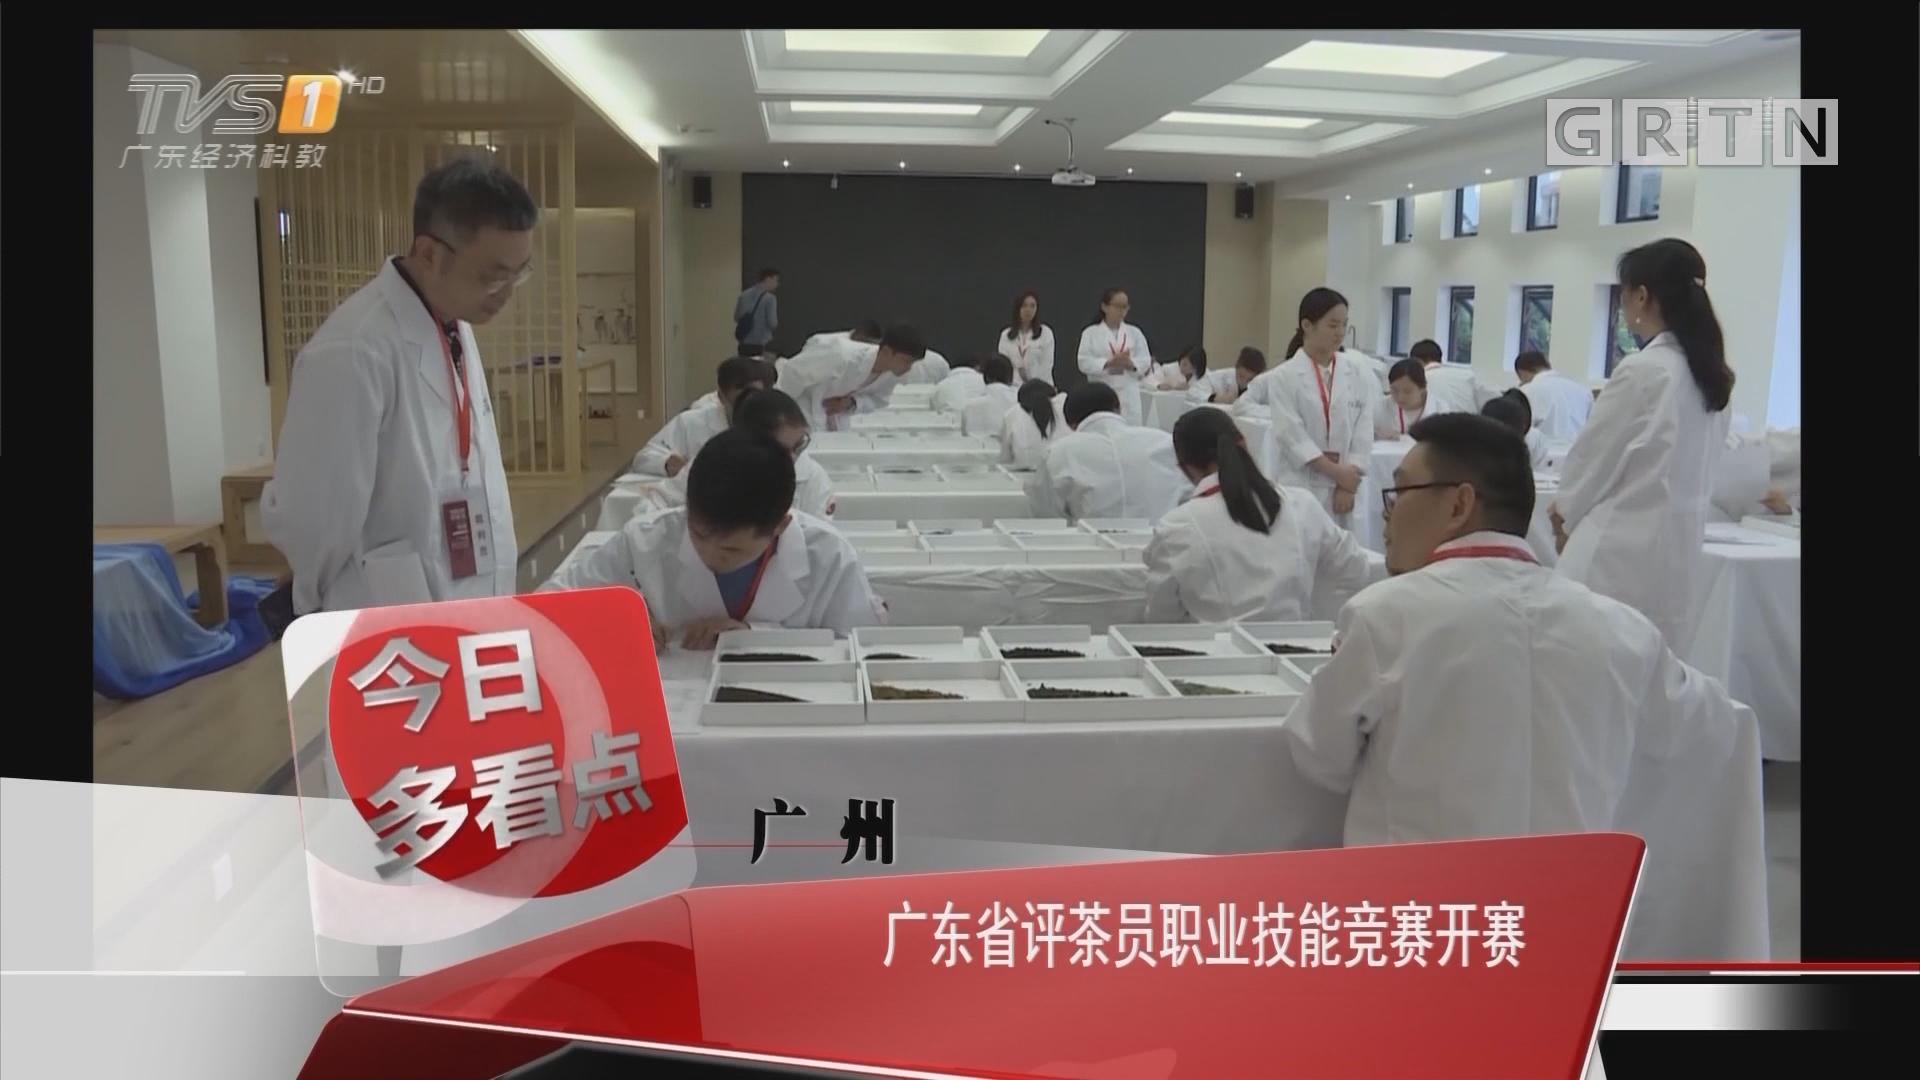 广州:广东省评茶员职业技能竞赛开赛